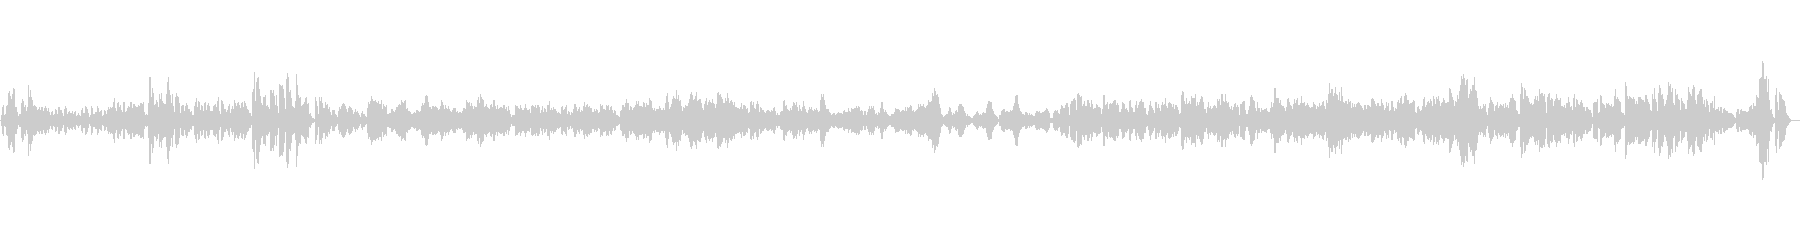 優雅なタンゴ/フルート多重録音の未再生の波形